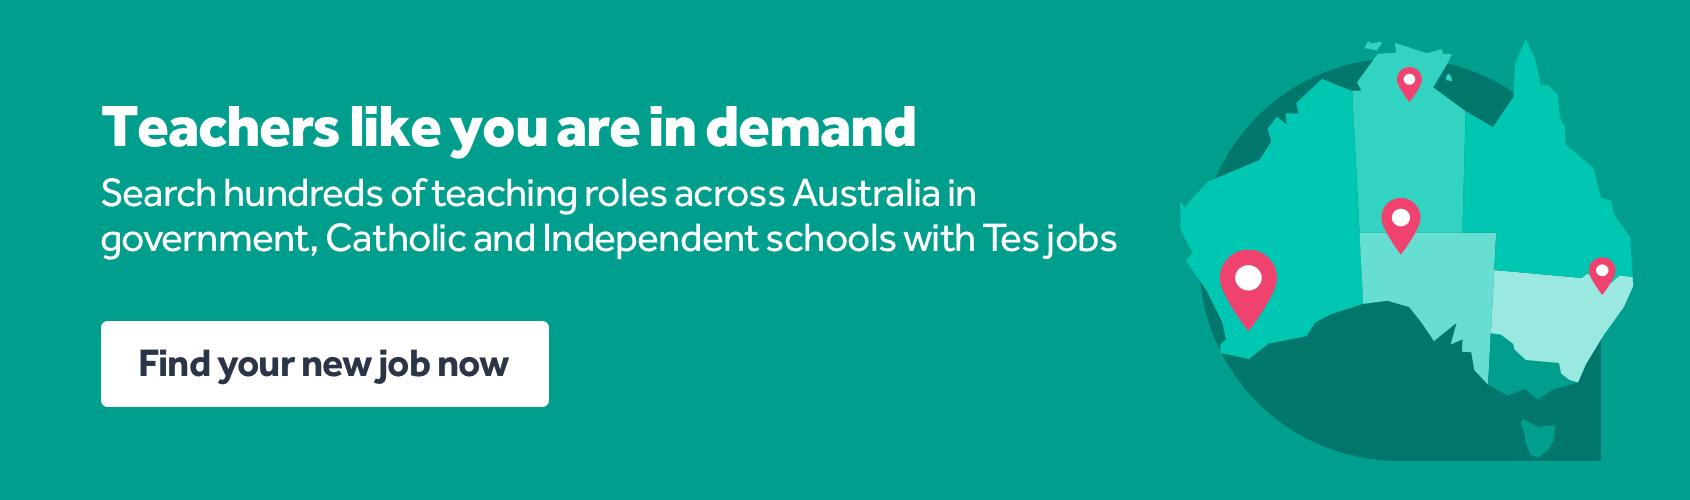 https://www.tes.com/en-au/jobs/?utm_campaign=RES-10878&utm_content=DS36530-au-jobs-blogs-july21&utm_source=tes-site&utm_medium=sponsored-article-banner